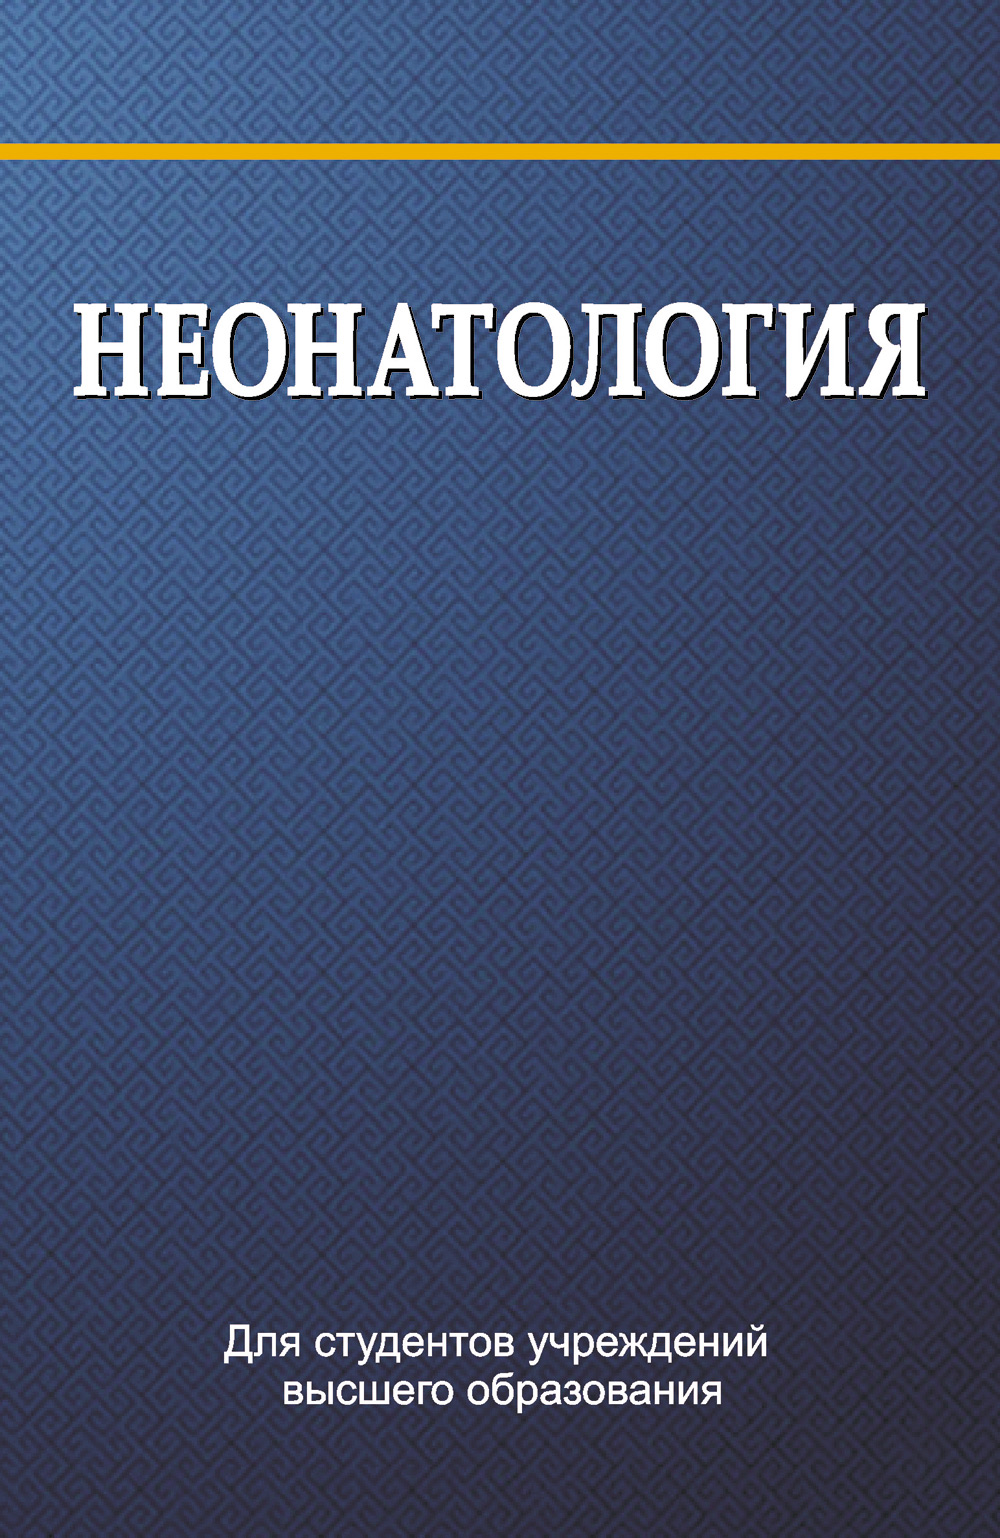 Коллектив авторов Неонатология